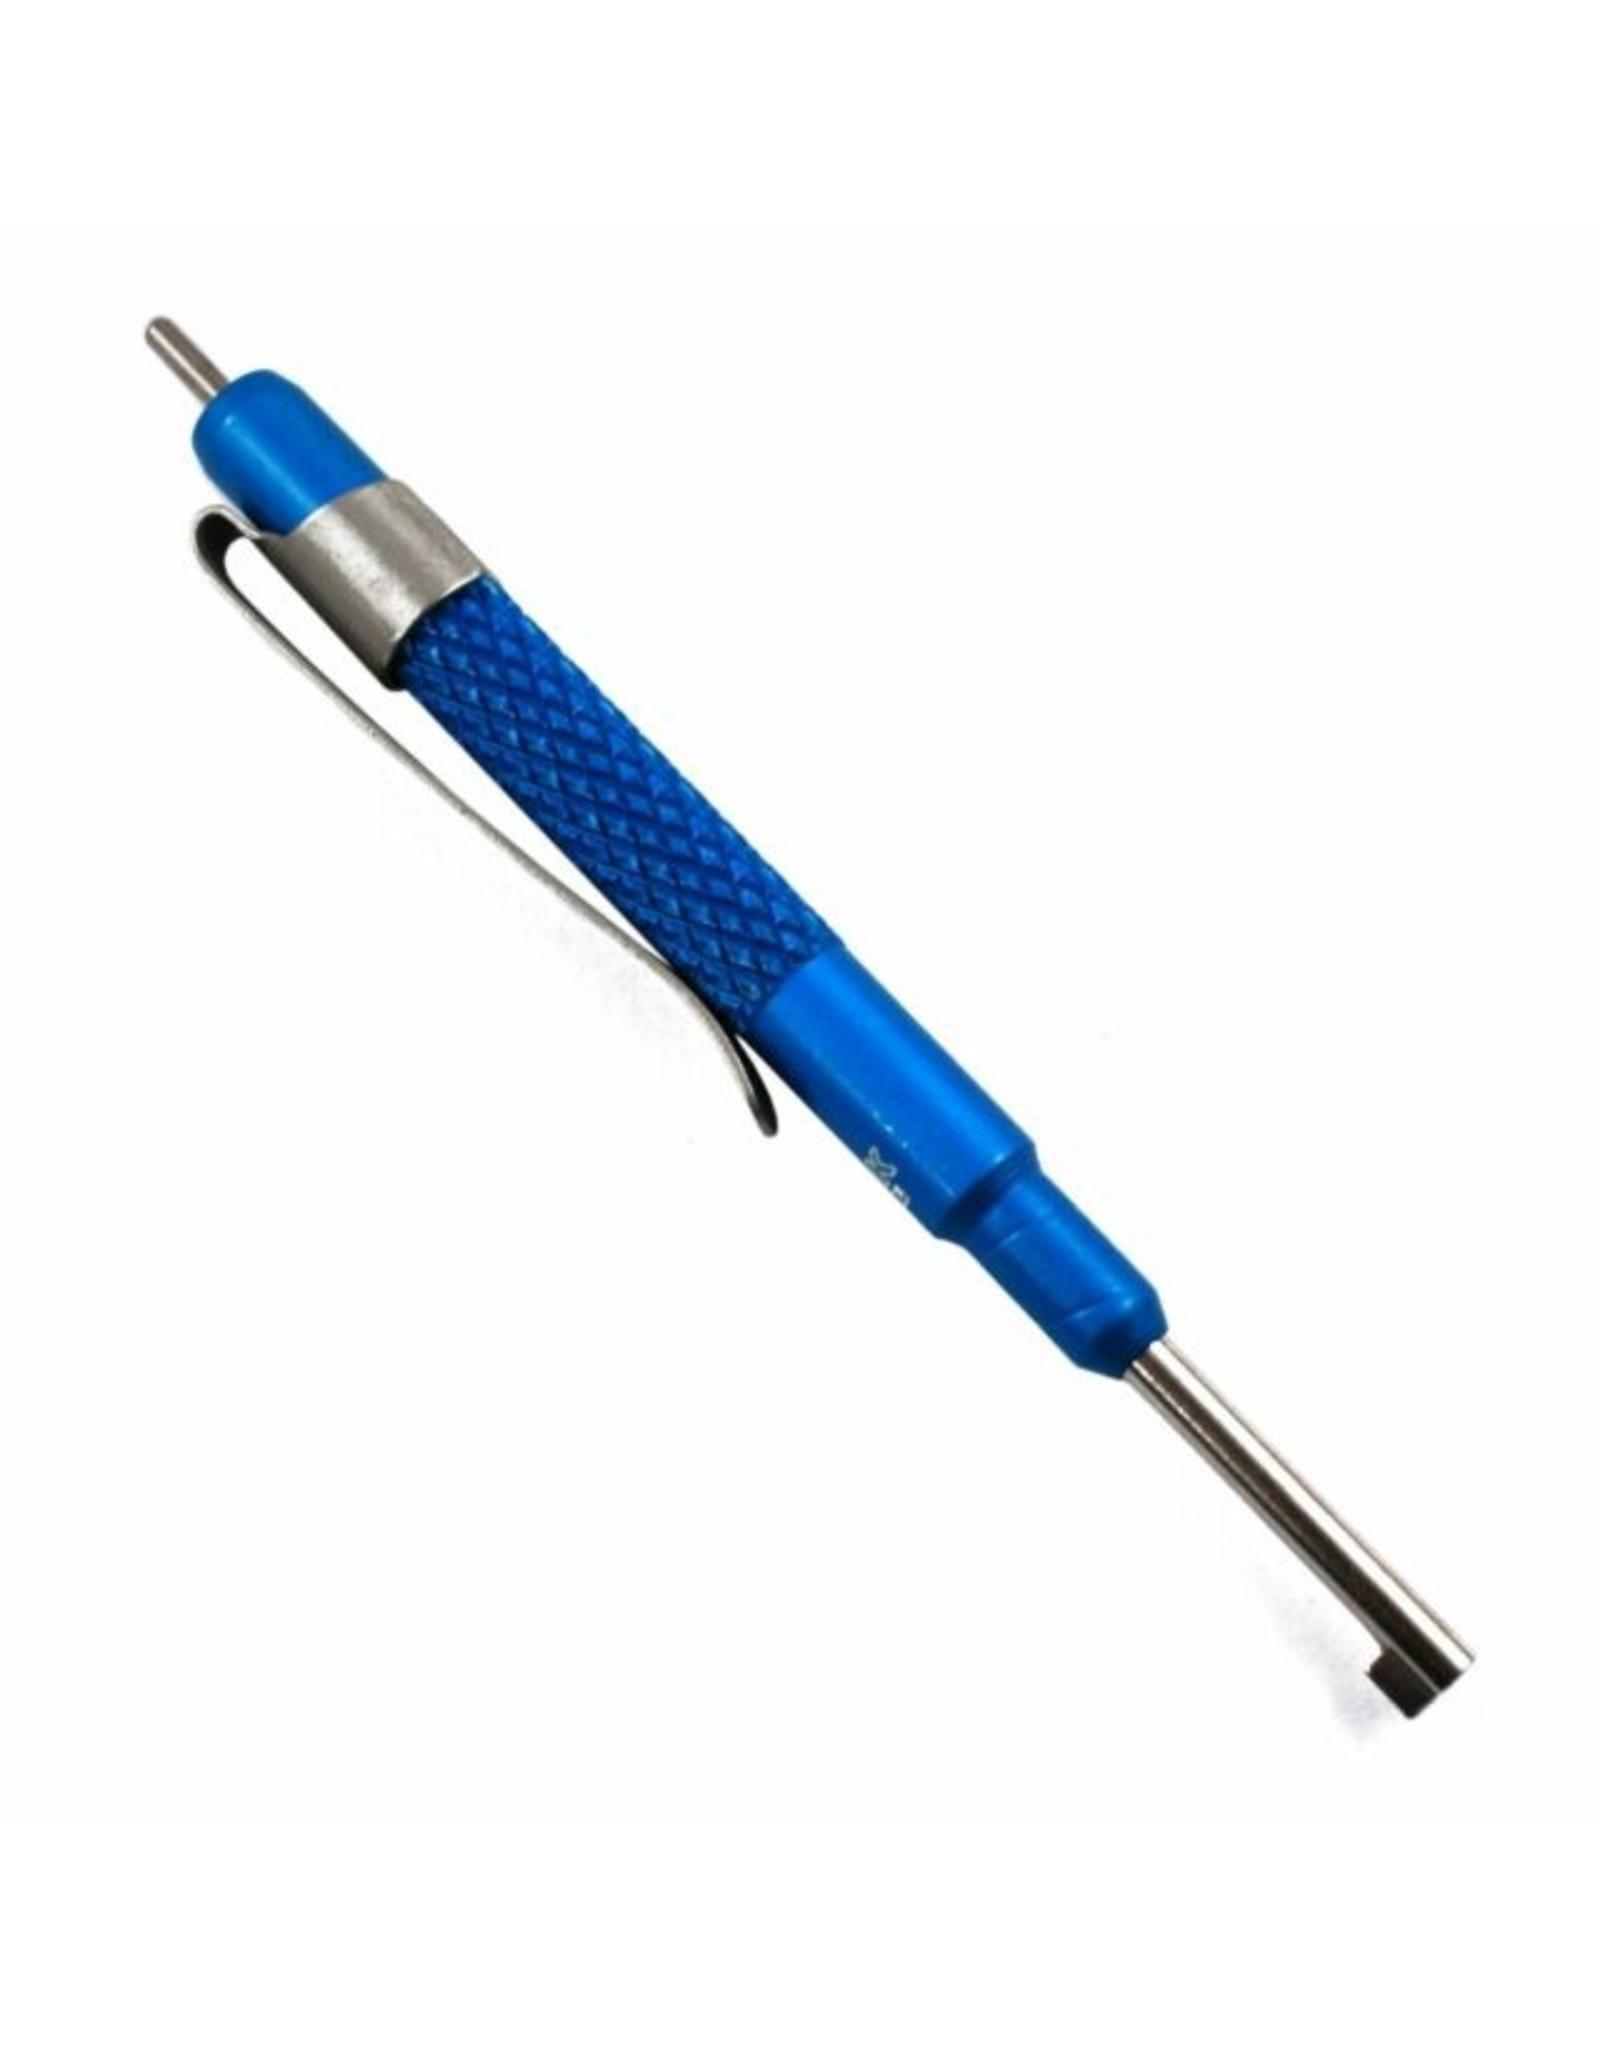 Zak Tool ALUMINUIM HANDCUFF KEY (BLUE)